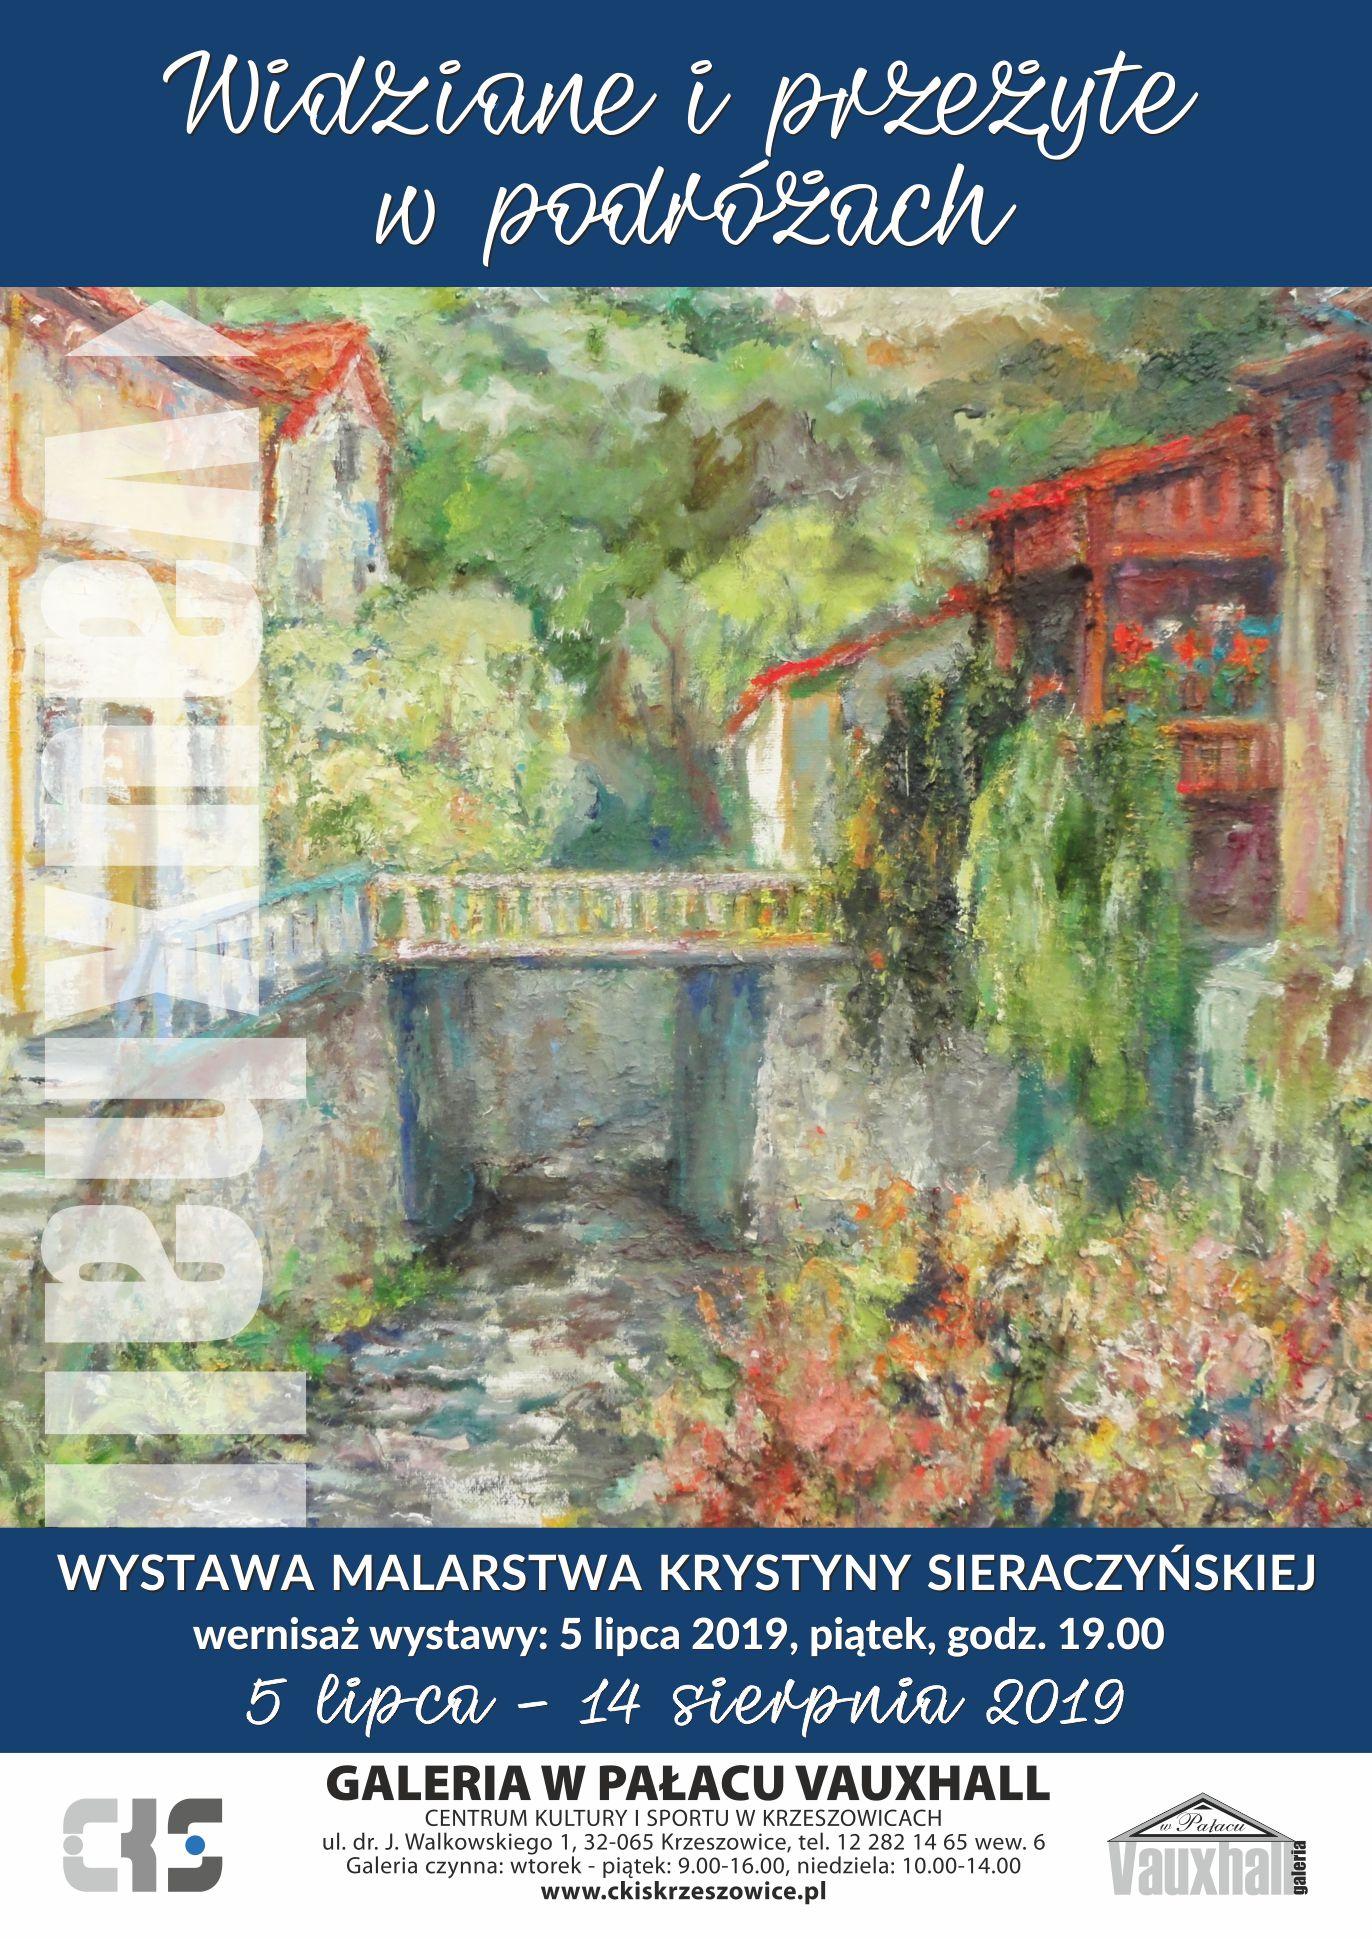 Widziane i przeżyte w podróżach - wystawa @ Krzeszowice | małopolskie | Polska